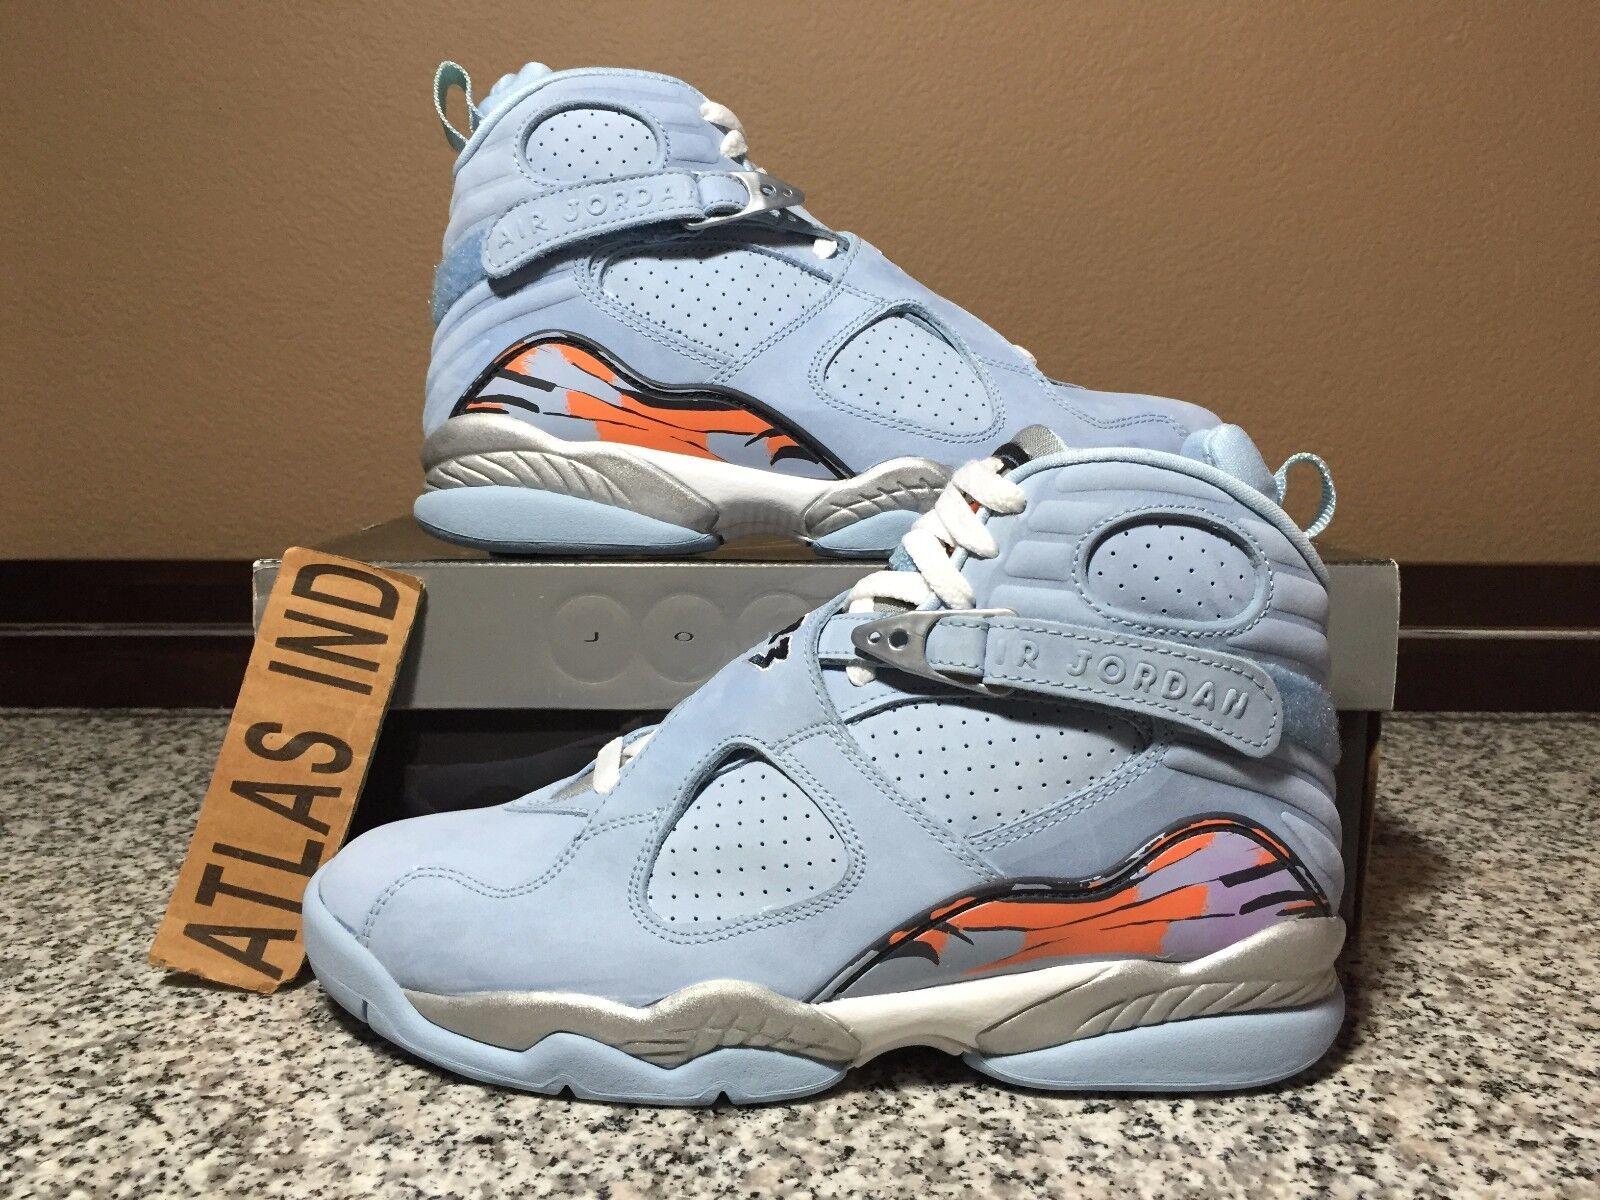 hot sale online 019ef 8a335 ... blanco Hombres tamaño 100 el mas popular de zapatos para hombres y  mujeres,. Air Jordan 8 retro Ice Azul Nike Nike Nike VIII 1 3 4 5 11 12